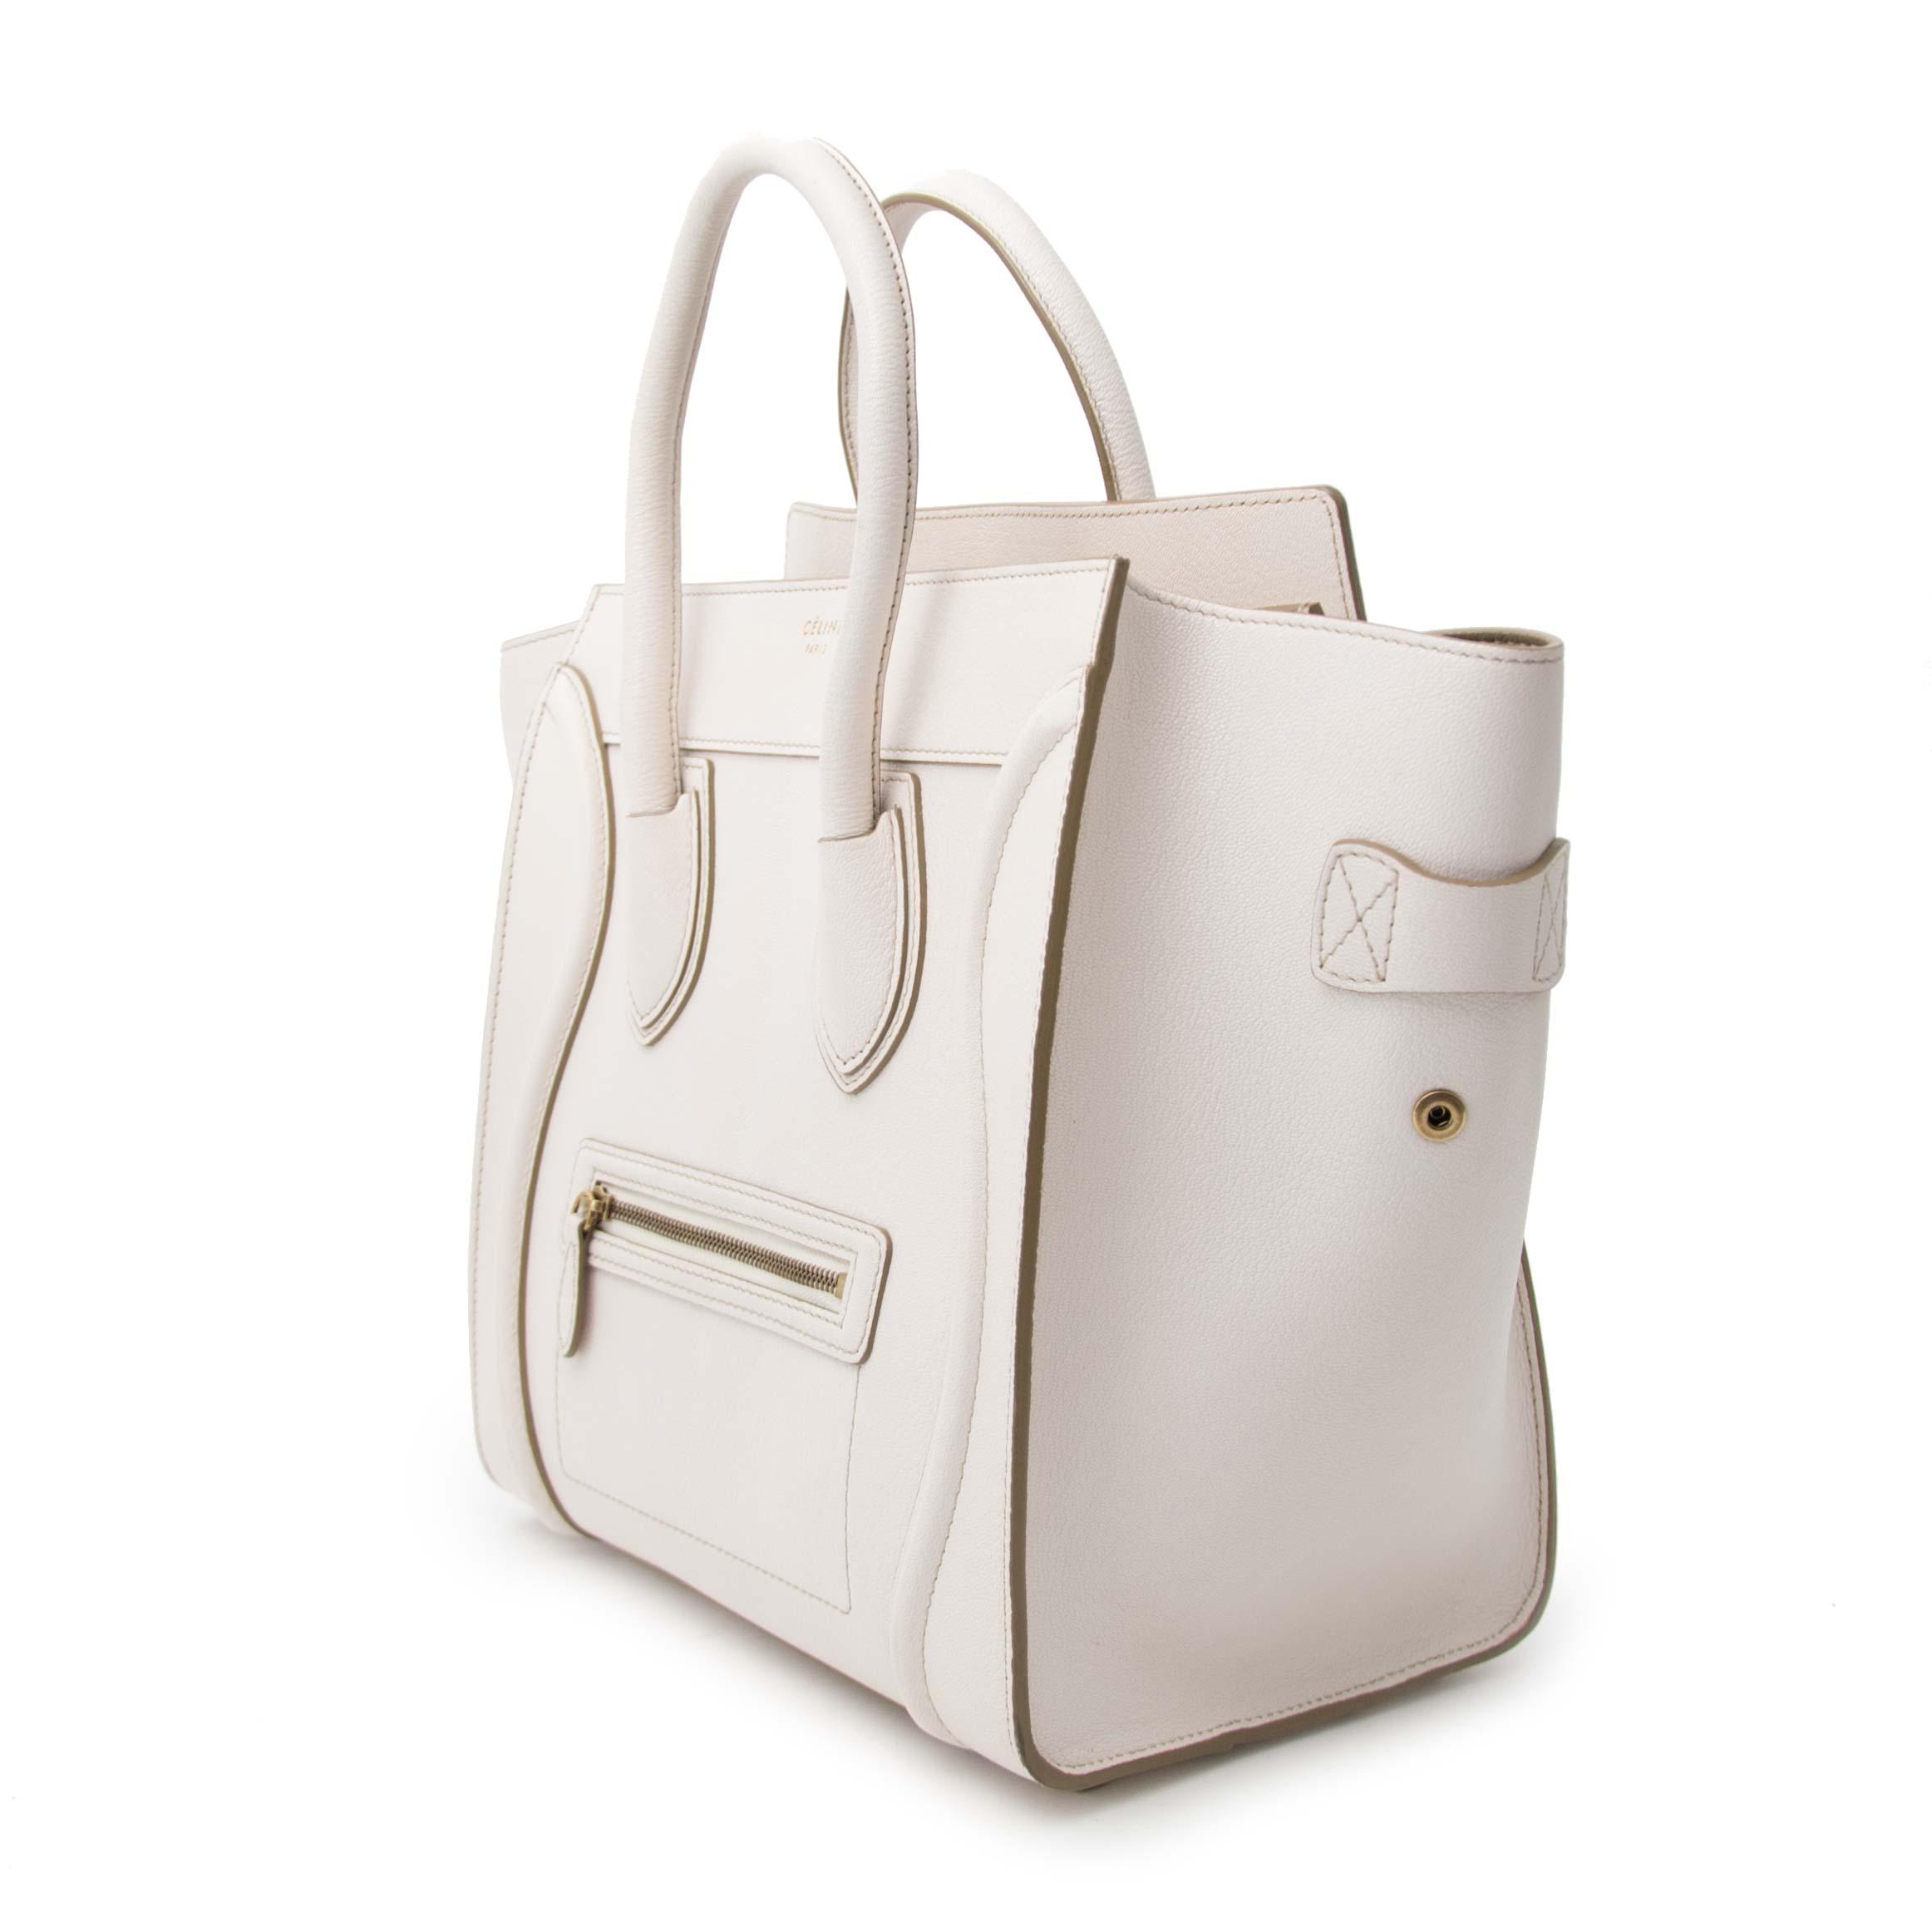 acheter pour le meilleur prix sac a main Celine Luggage Mini White